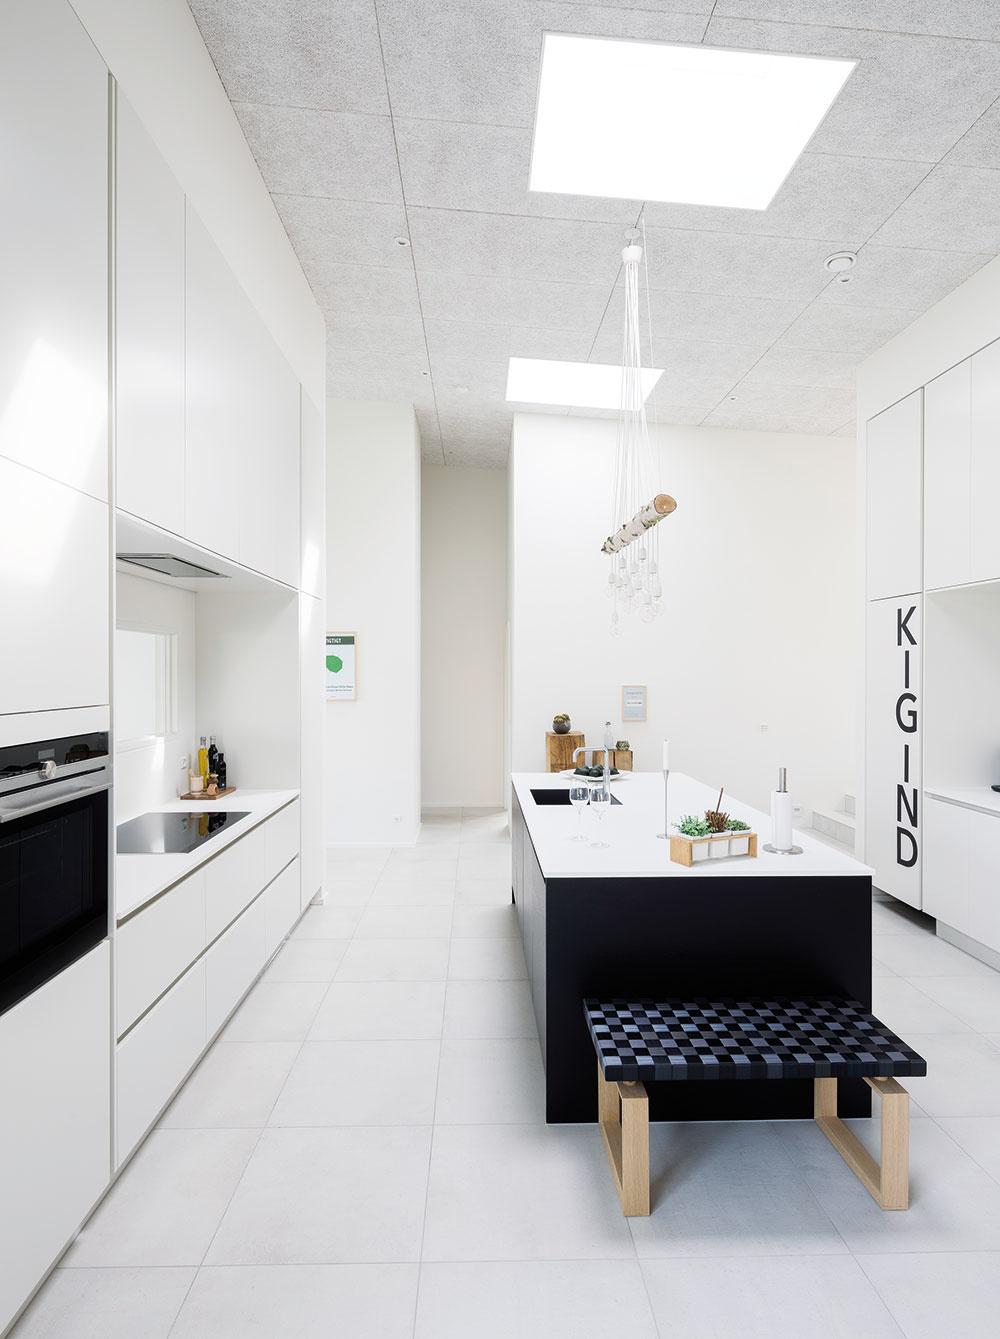 Prehľadná dispozícia bungalovu poskytuje dostatok priestoru aj pre veľkú rodinu. Vďaka spolupôsobeniu vysokých stropov so svetlíkmi, veľkých zasklených plôch na fasáde asvetlých farieb je interiér plný svetla apôsobí vzdušne aoptimisticky.